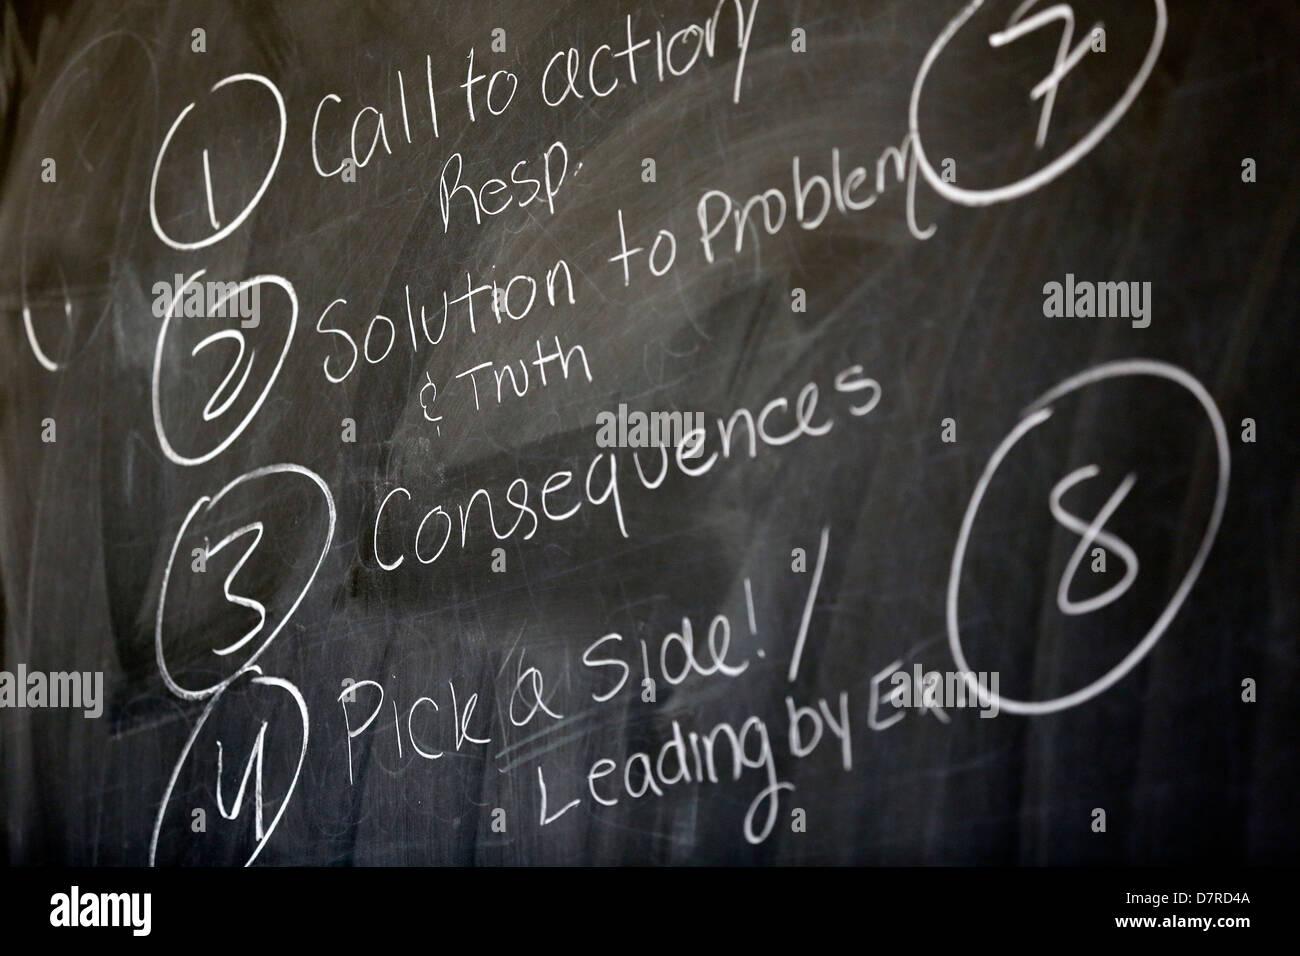 classroom words written in chalk on a blackboard - Stock Image